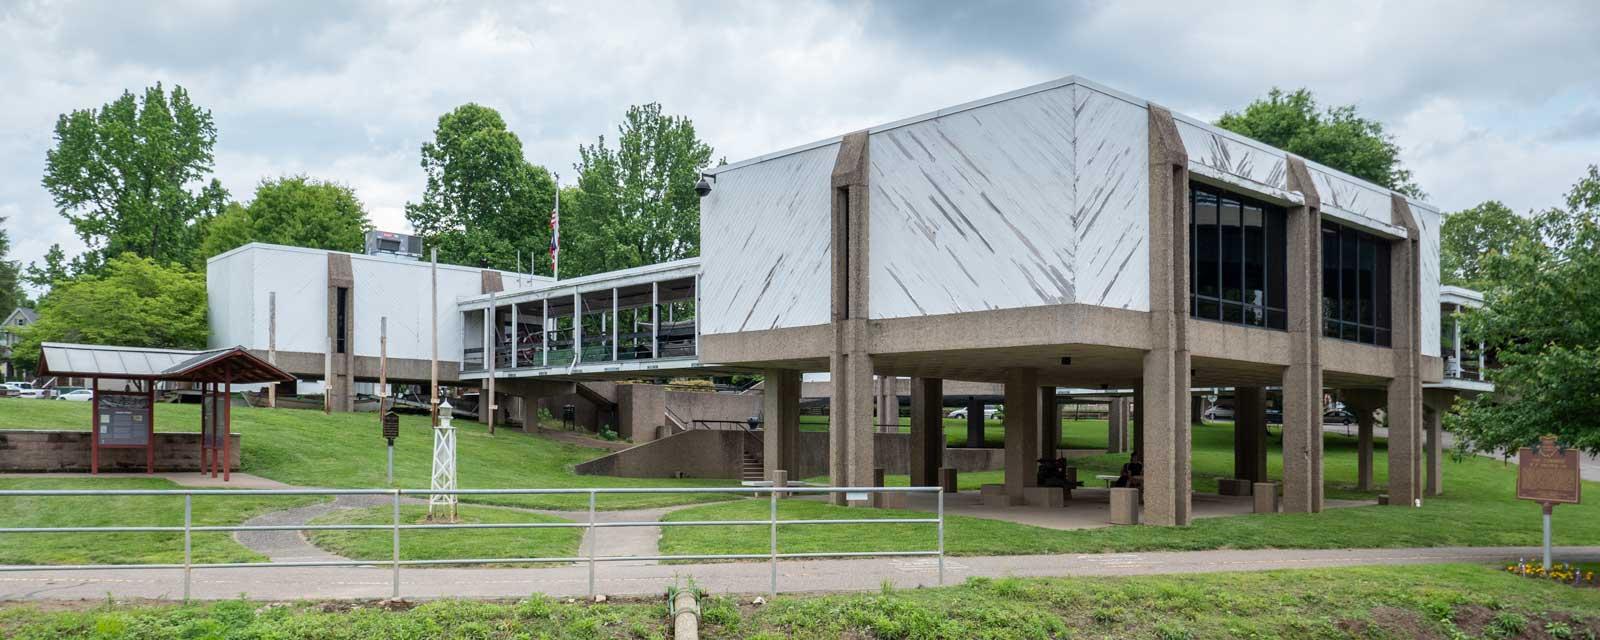 Ohio River Museum Marietta